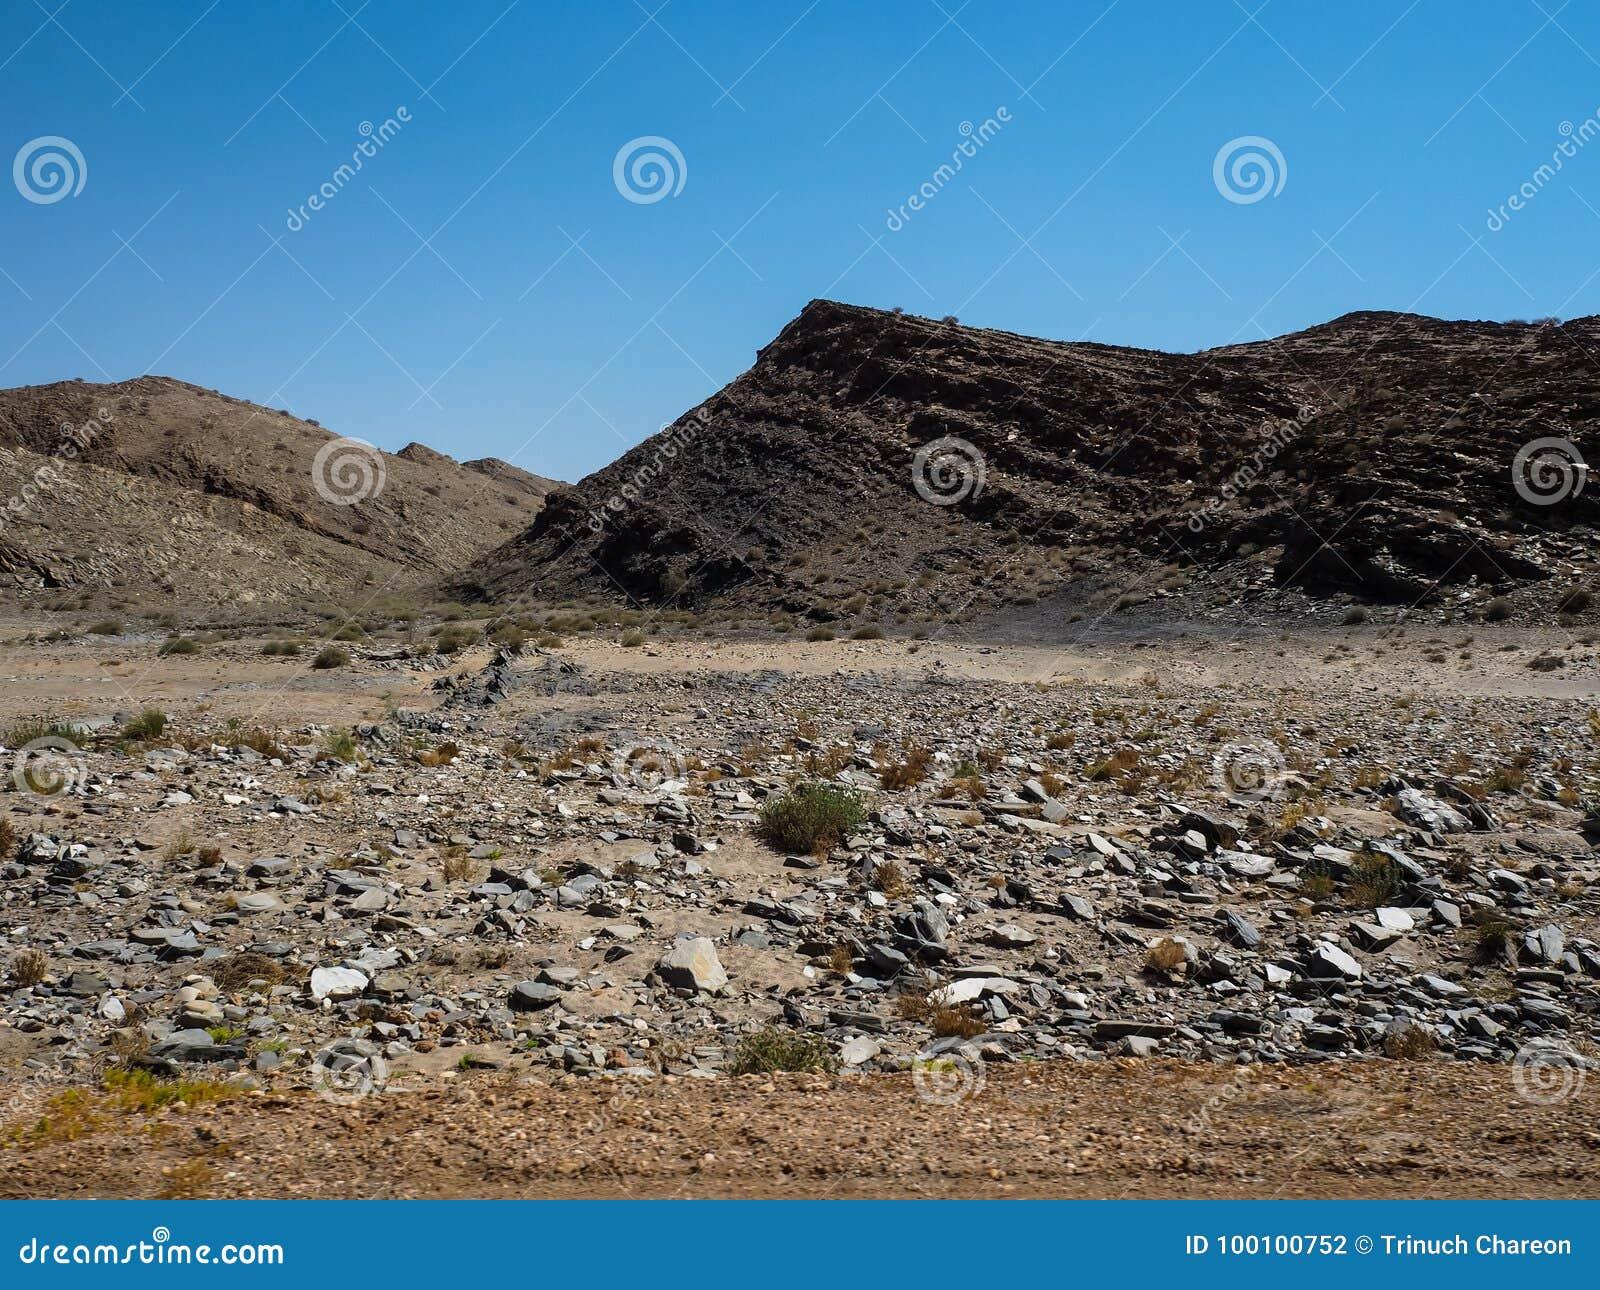 Rauer Felsengebirgsdürren-Landschaftsboden der einzigartigen Geografie Namibischer Wüste mit SpaltungsGrünpflanze des steins und